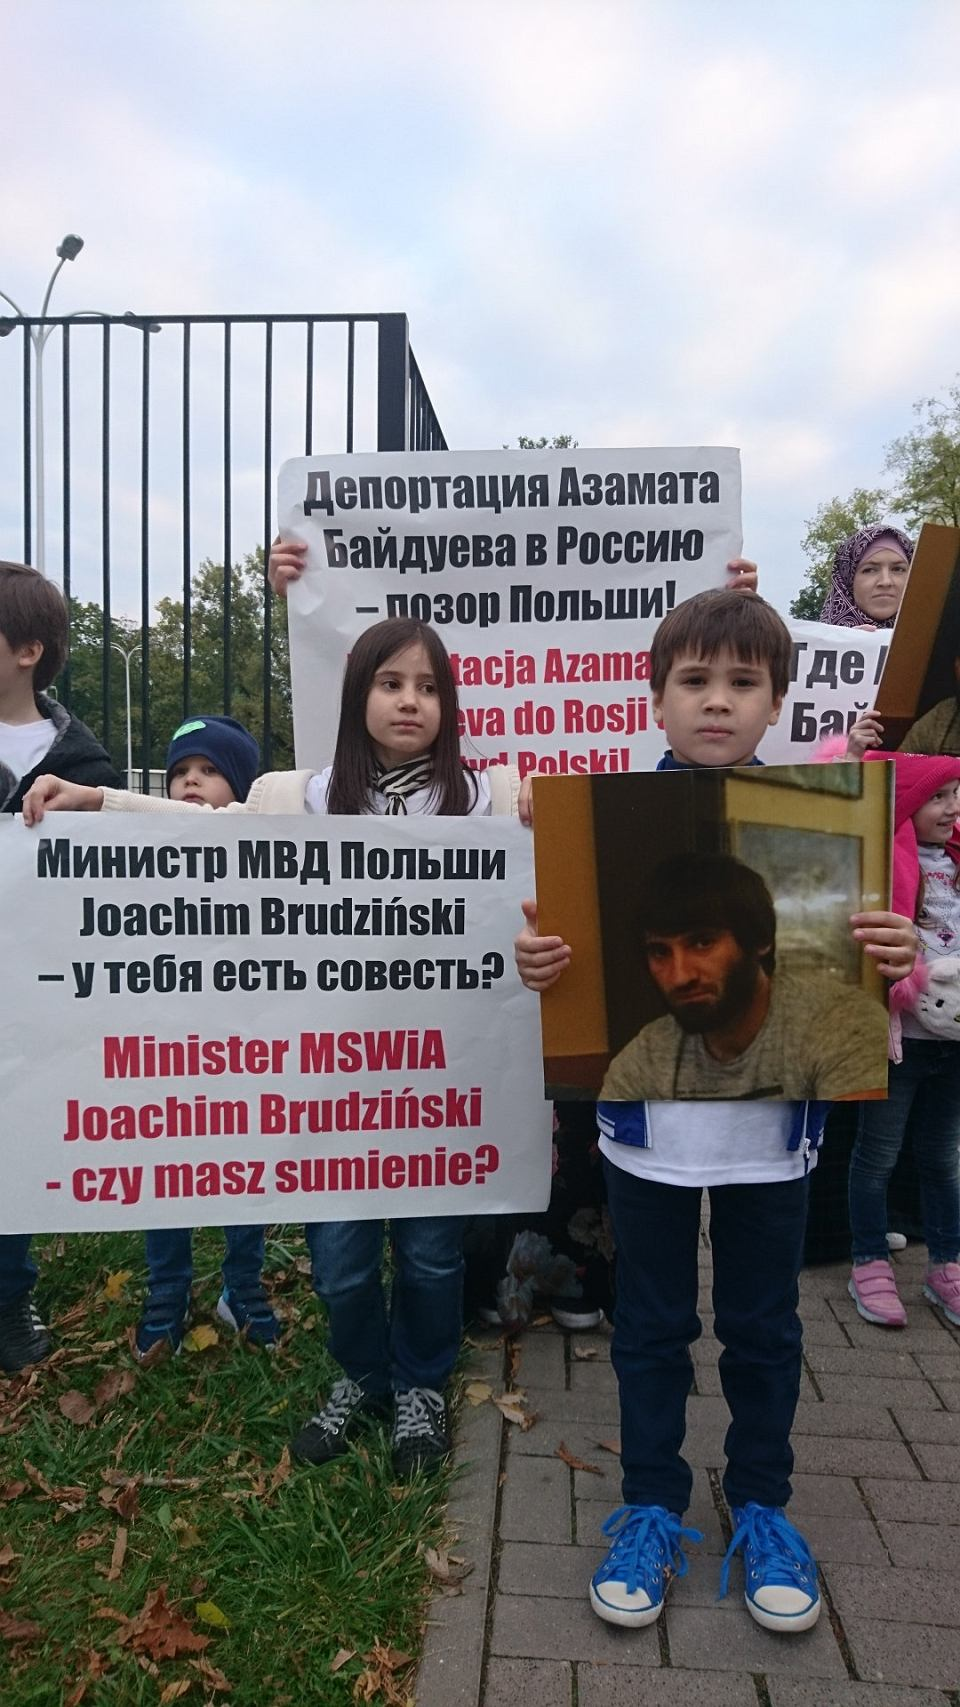 27.09.2018, Warszawa, demonstracja Czeczenów pod siedzibą MSWiA.